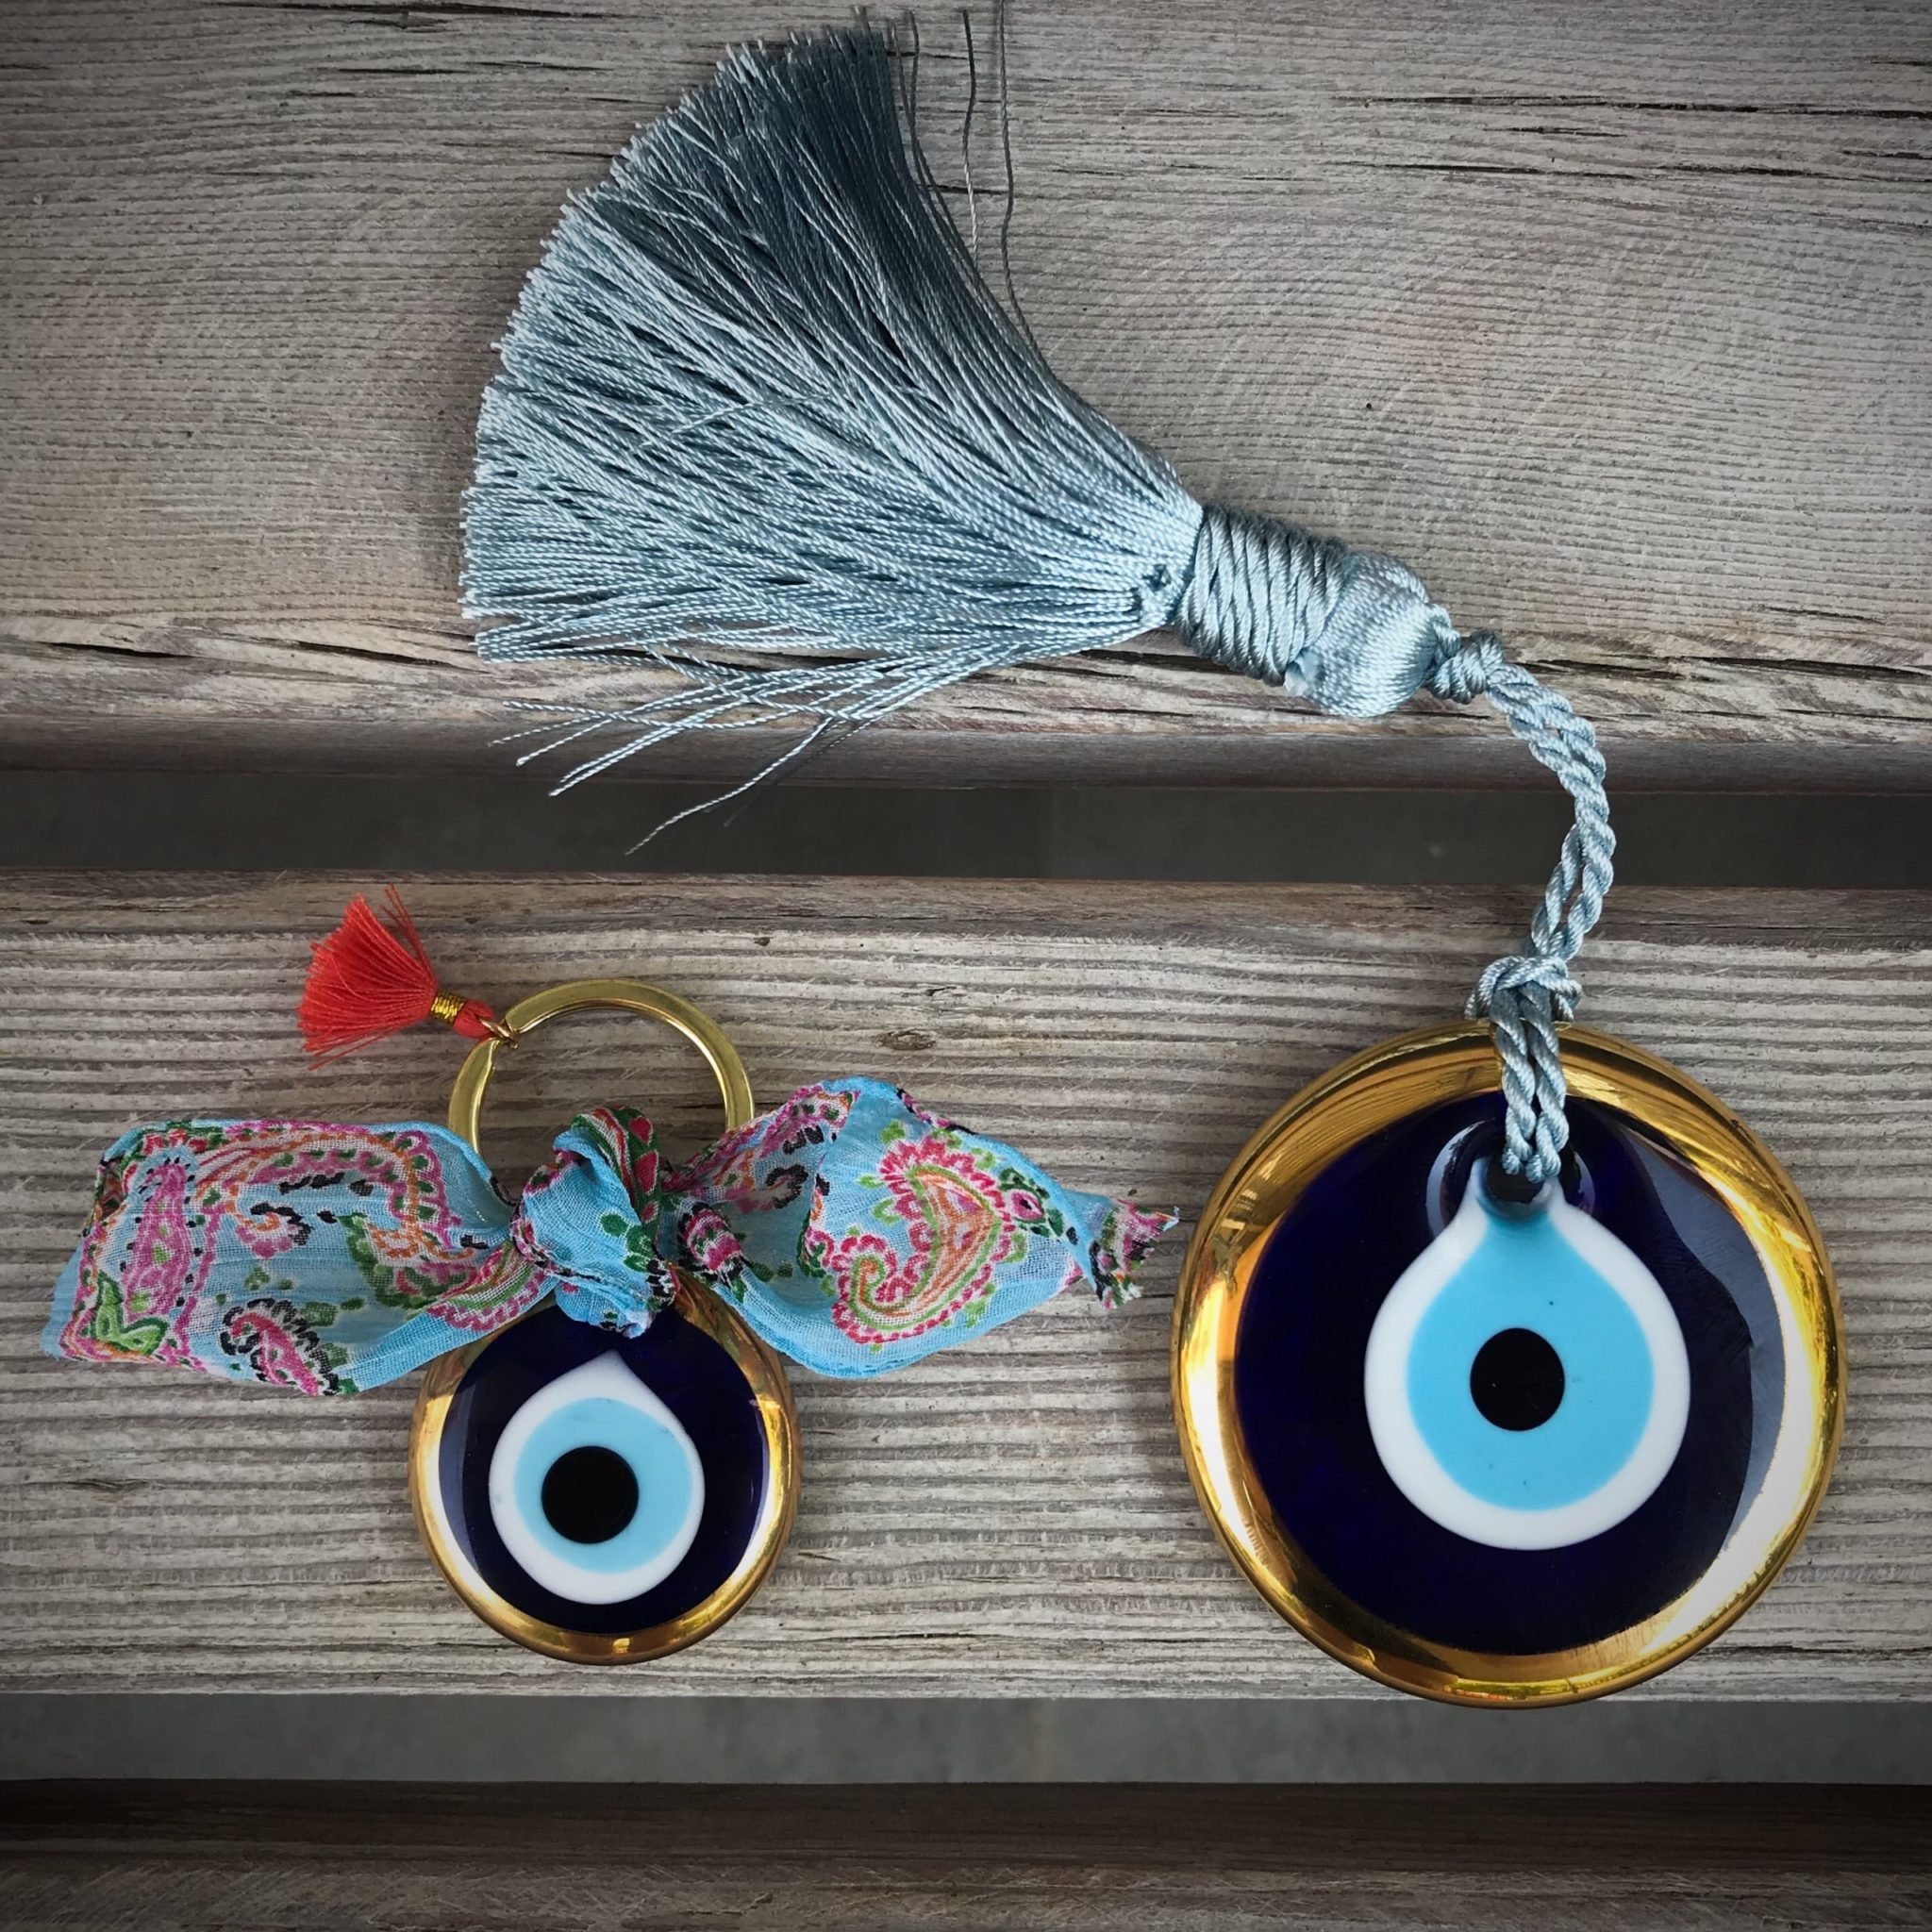 Ethnic Style-wedding gifts